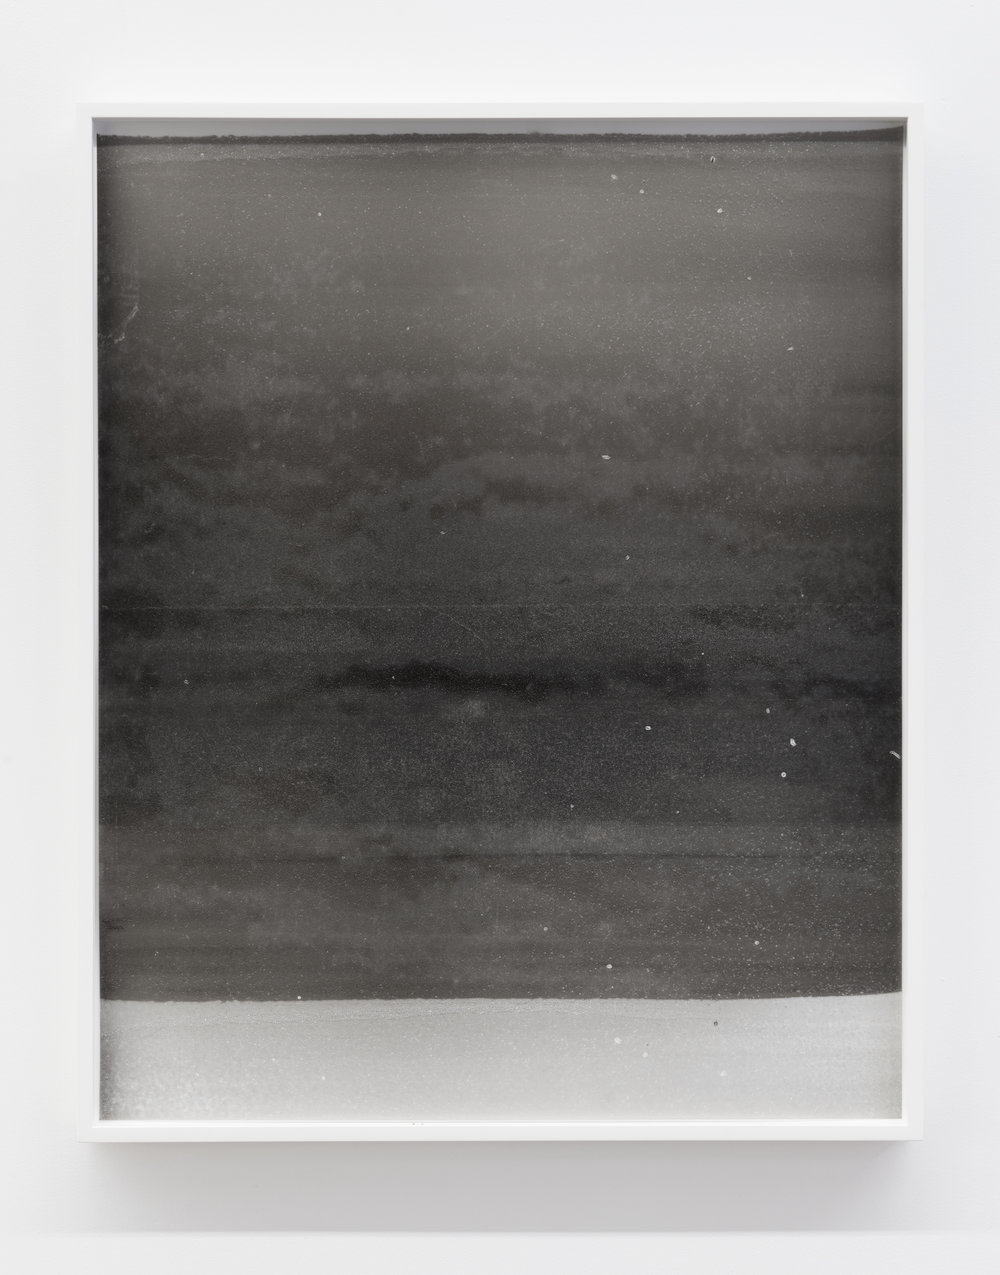 """Jim Verburg,  Sans titre (clouded) , 2018, huile et peinture métallique sur mylar, 64 x 51 cm (26"""" x 21"""")"""